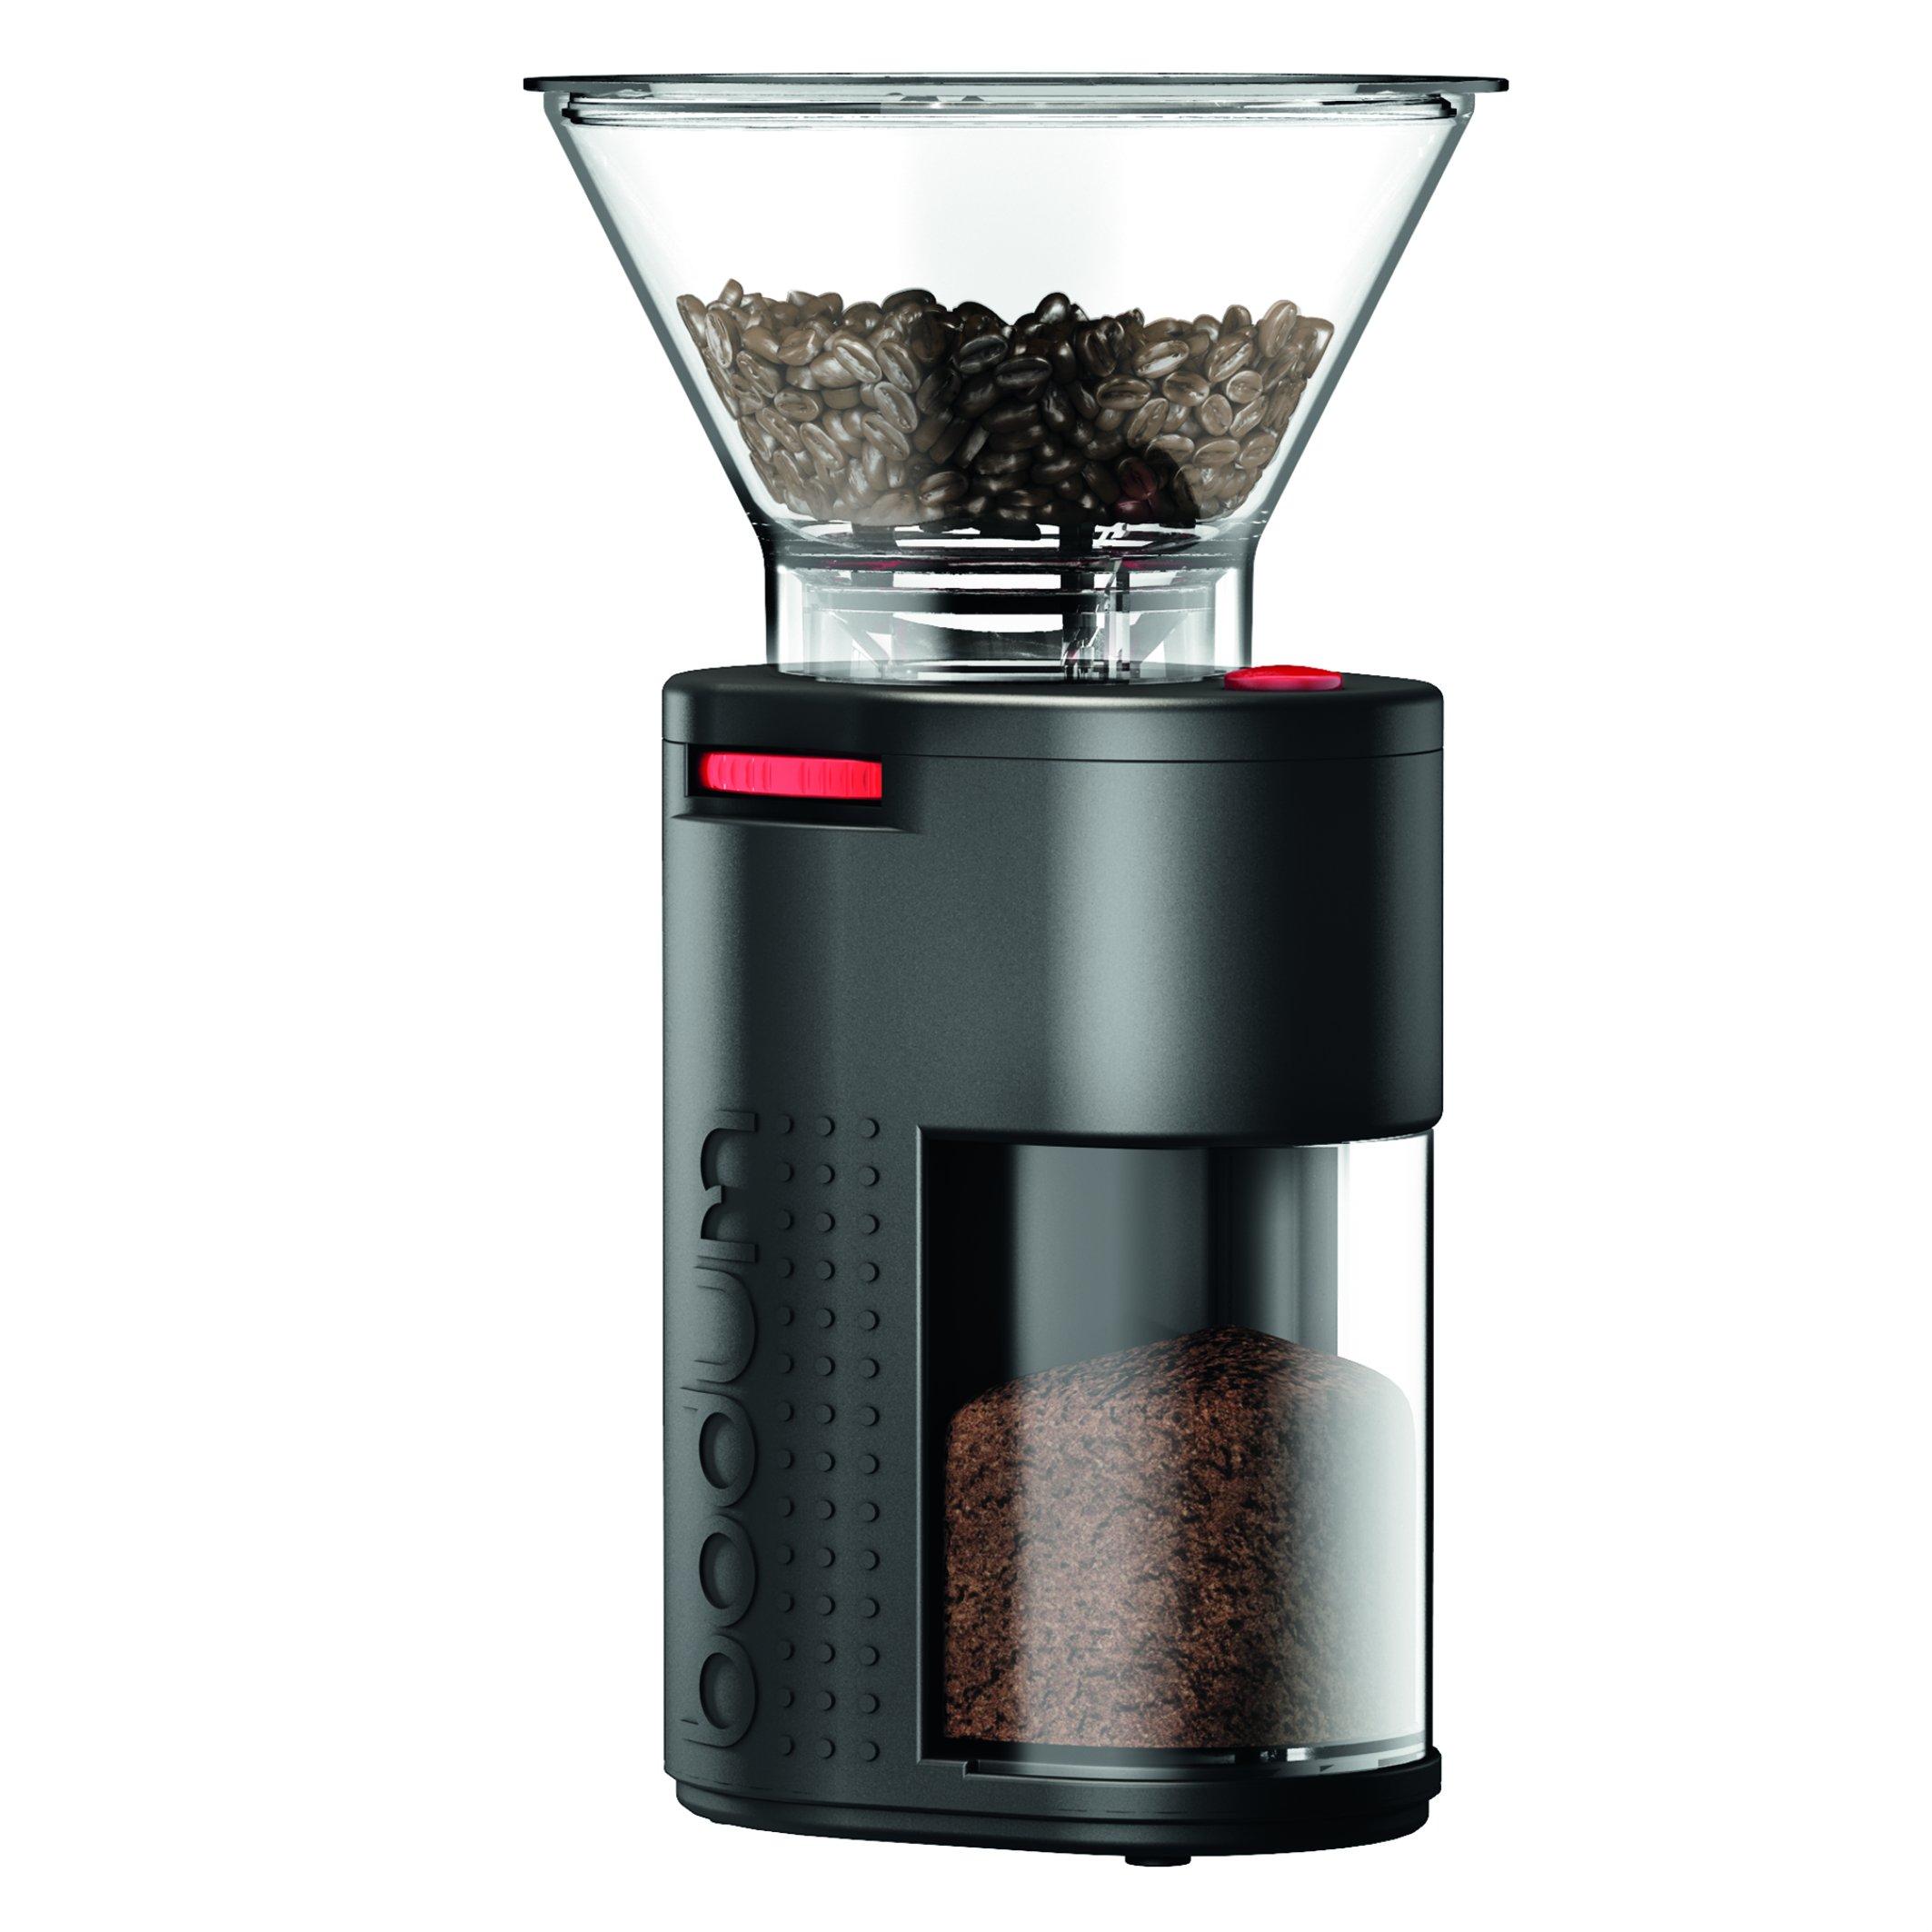 Best Coffee Grinders Singapore